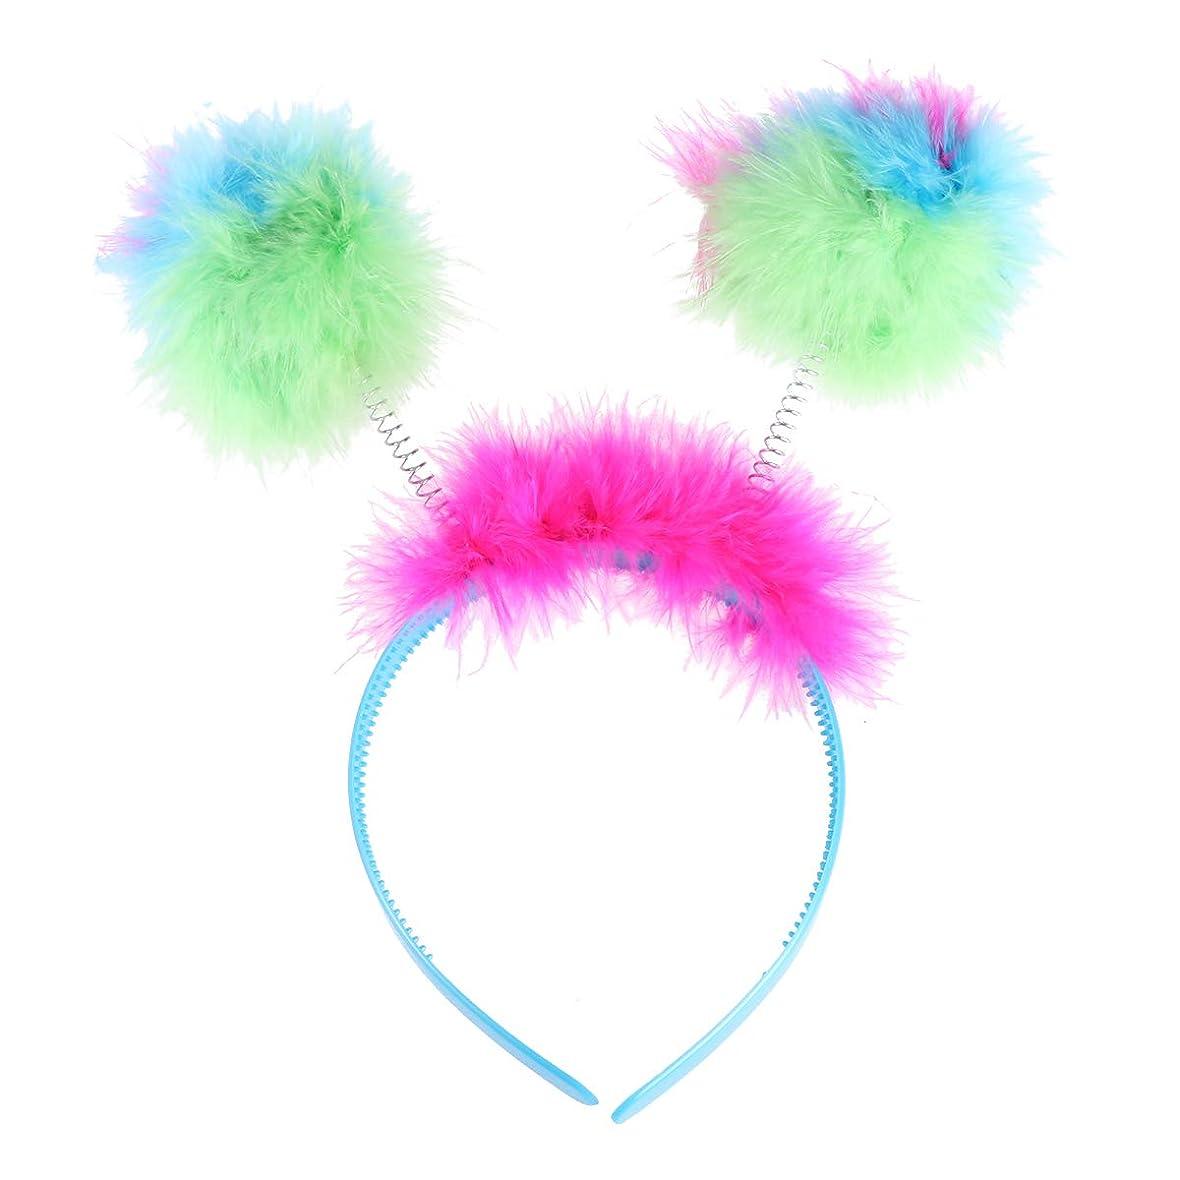 振動する観点ひらめきAmosfun子供ぬいぐるみボールヘッドバンド愛らしいヘアフープアクセサリーコスプレパフォーマンス衣装仮面舞踏会誕生日パーティー